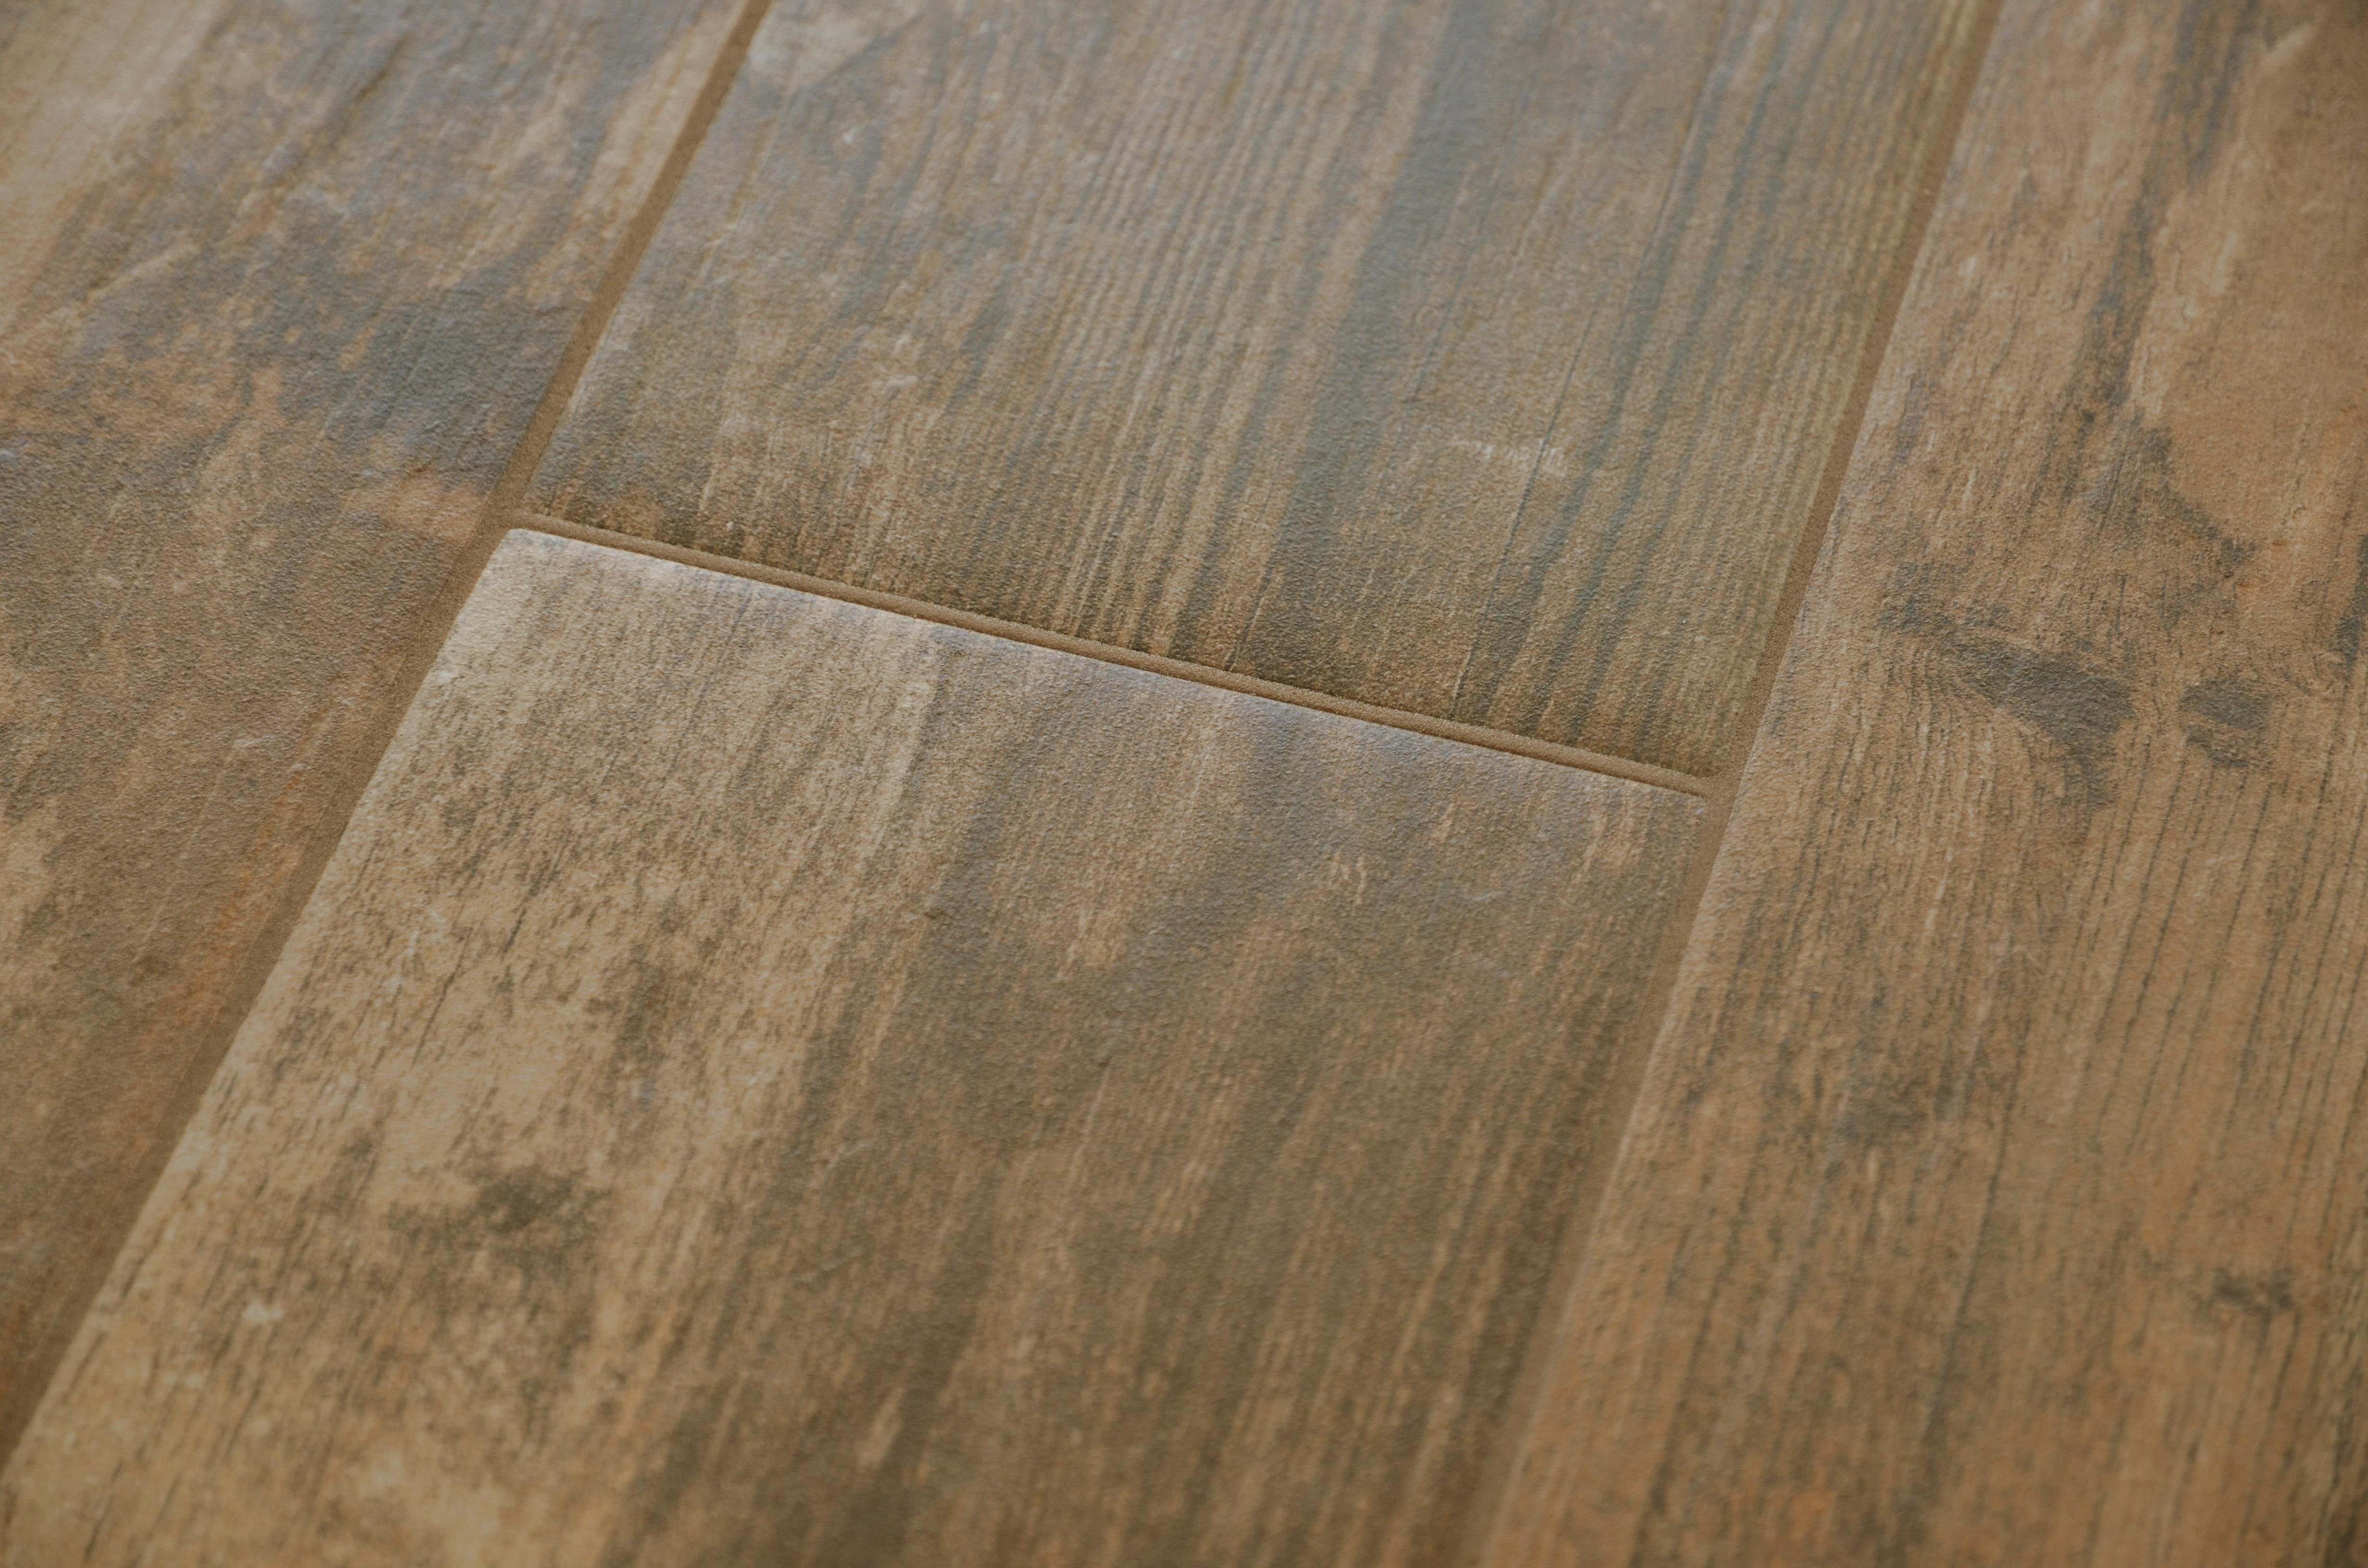 Fughe delle piastrelle uniformi al pavimento e di colore stabile cose di casa - Dielle piastrelle ...